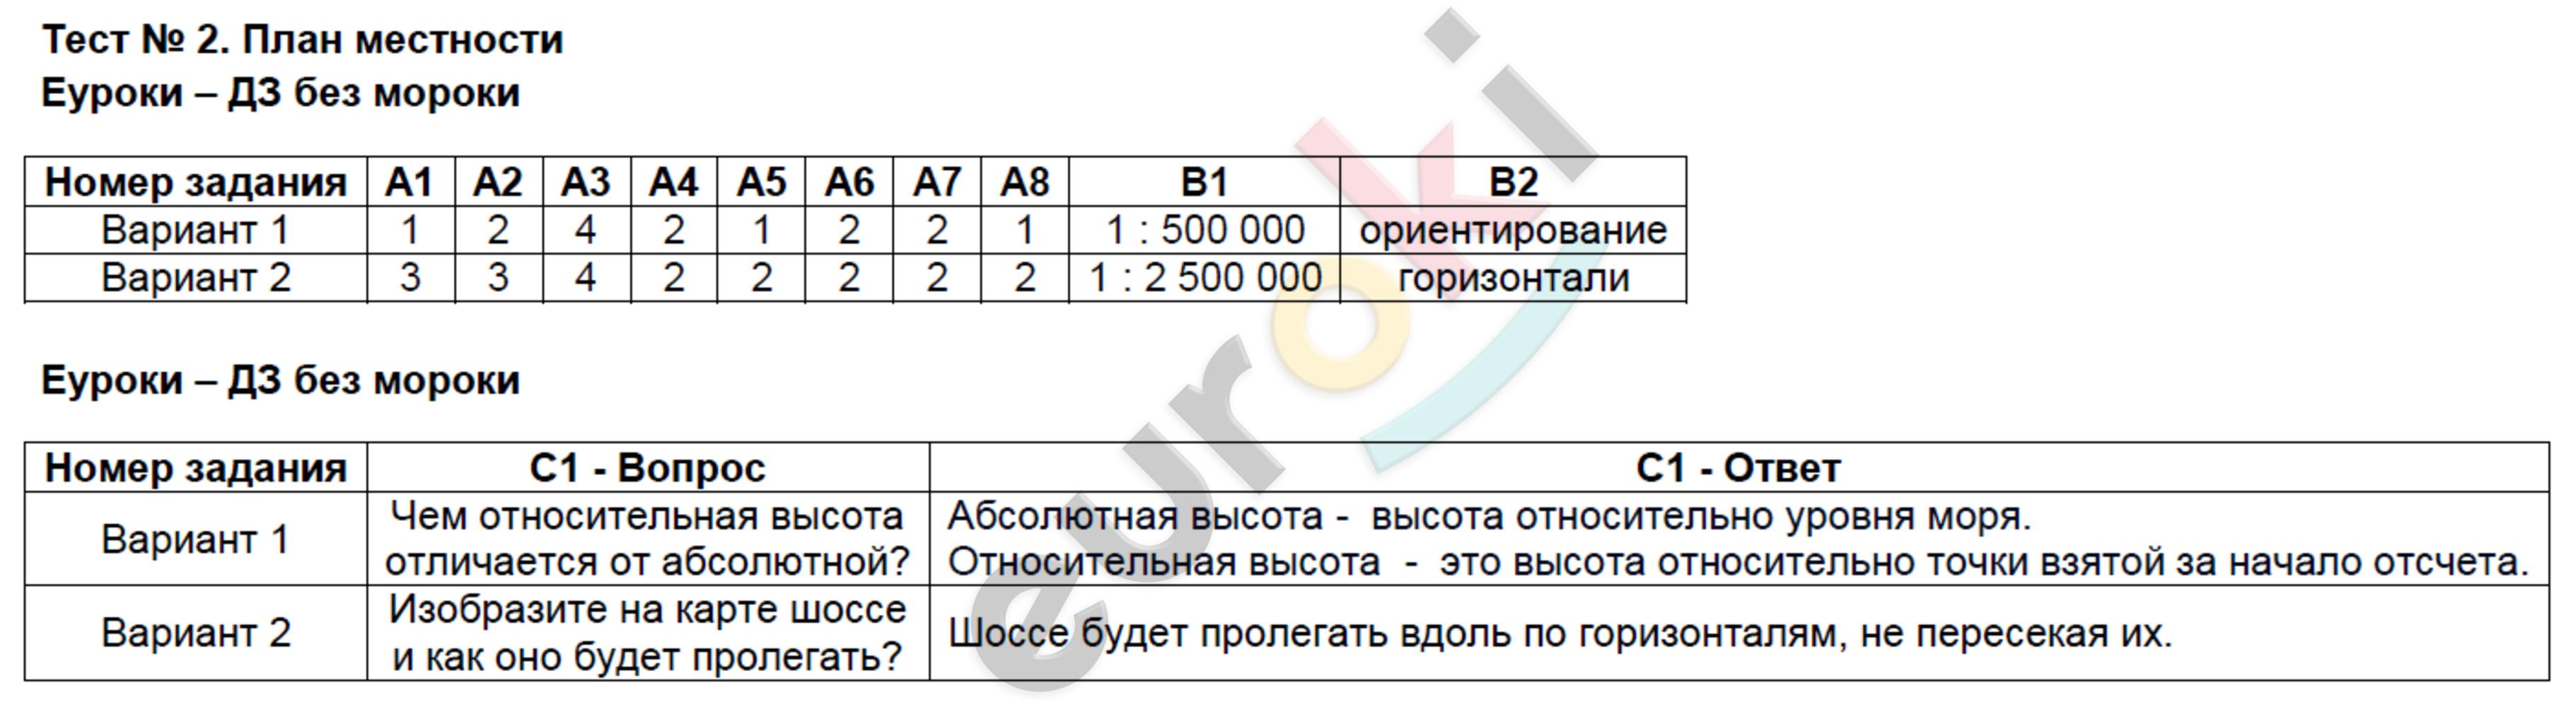 ГДЗ по географии 6 класс контрольно-измерительные материалы Жижина. Задание: Тест 2. План местности